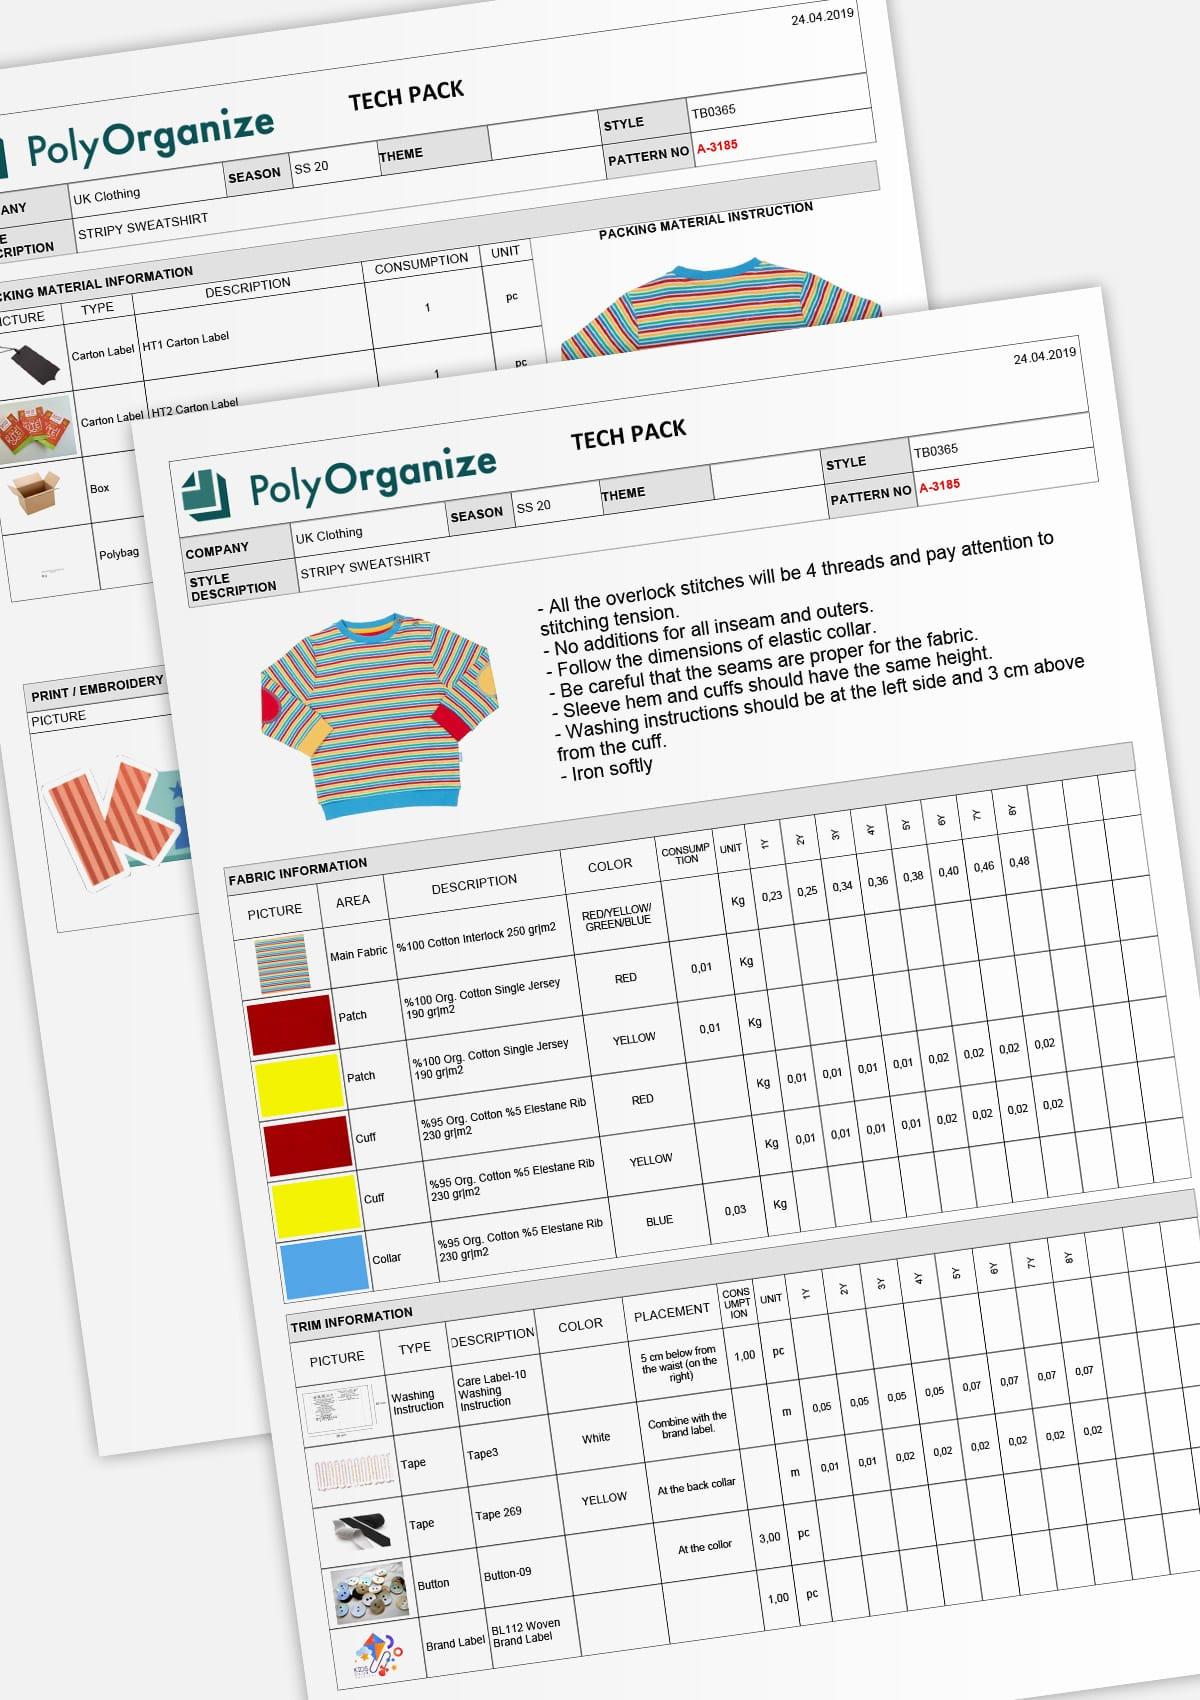 Detaylı Teknik Föy Hazırlama - PolyOrganize, tasarlanan modelin teknik özelliklerinin her yönüyle ilgilenir. - her seviyede - Yani teknik özellikleriniz %100 üretime hazır halde bulunur. Zorlu bir senaryonuz var mı? Bizim çözümümüzü görmek ister misiniz?